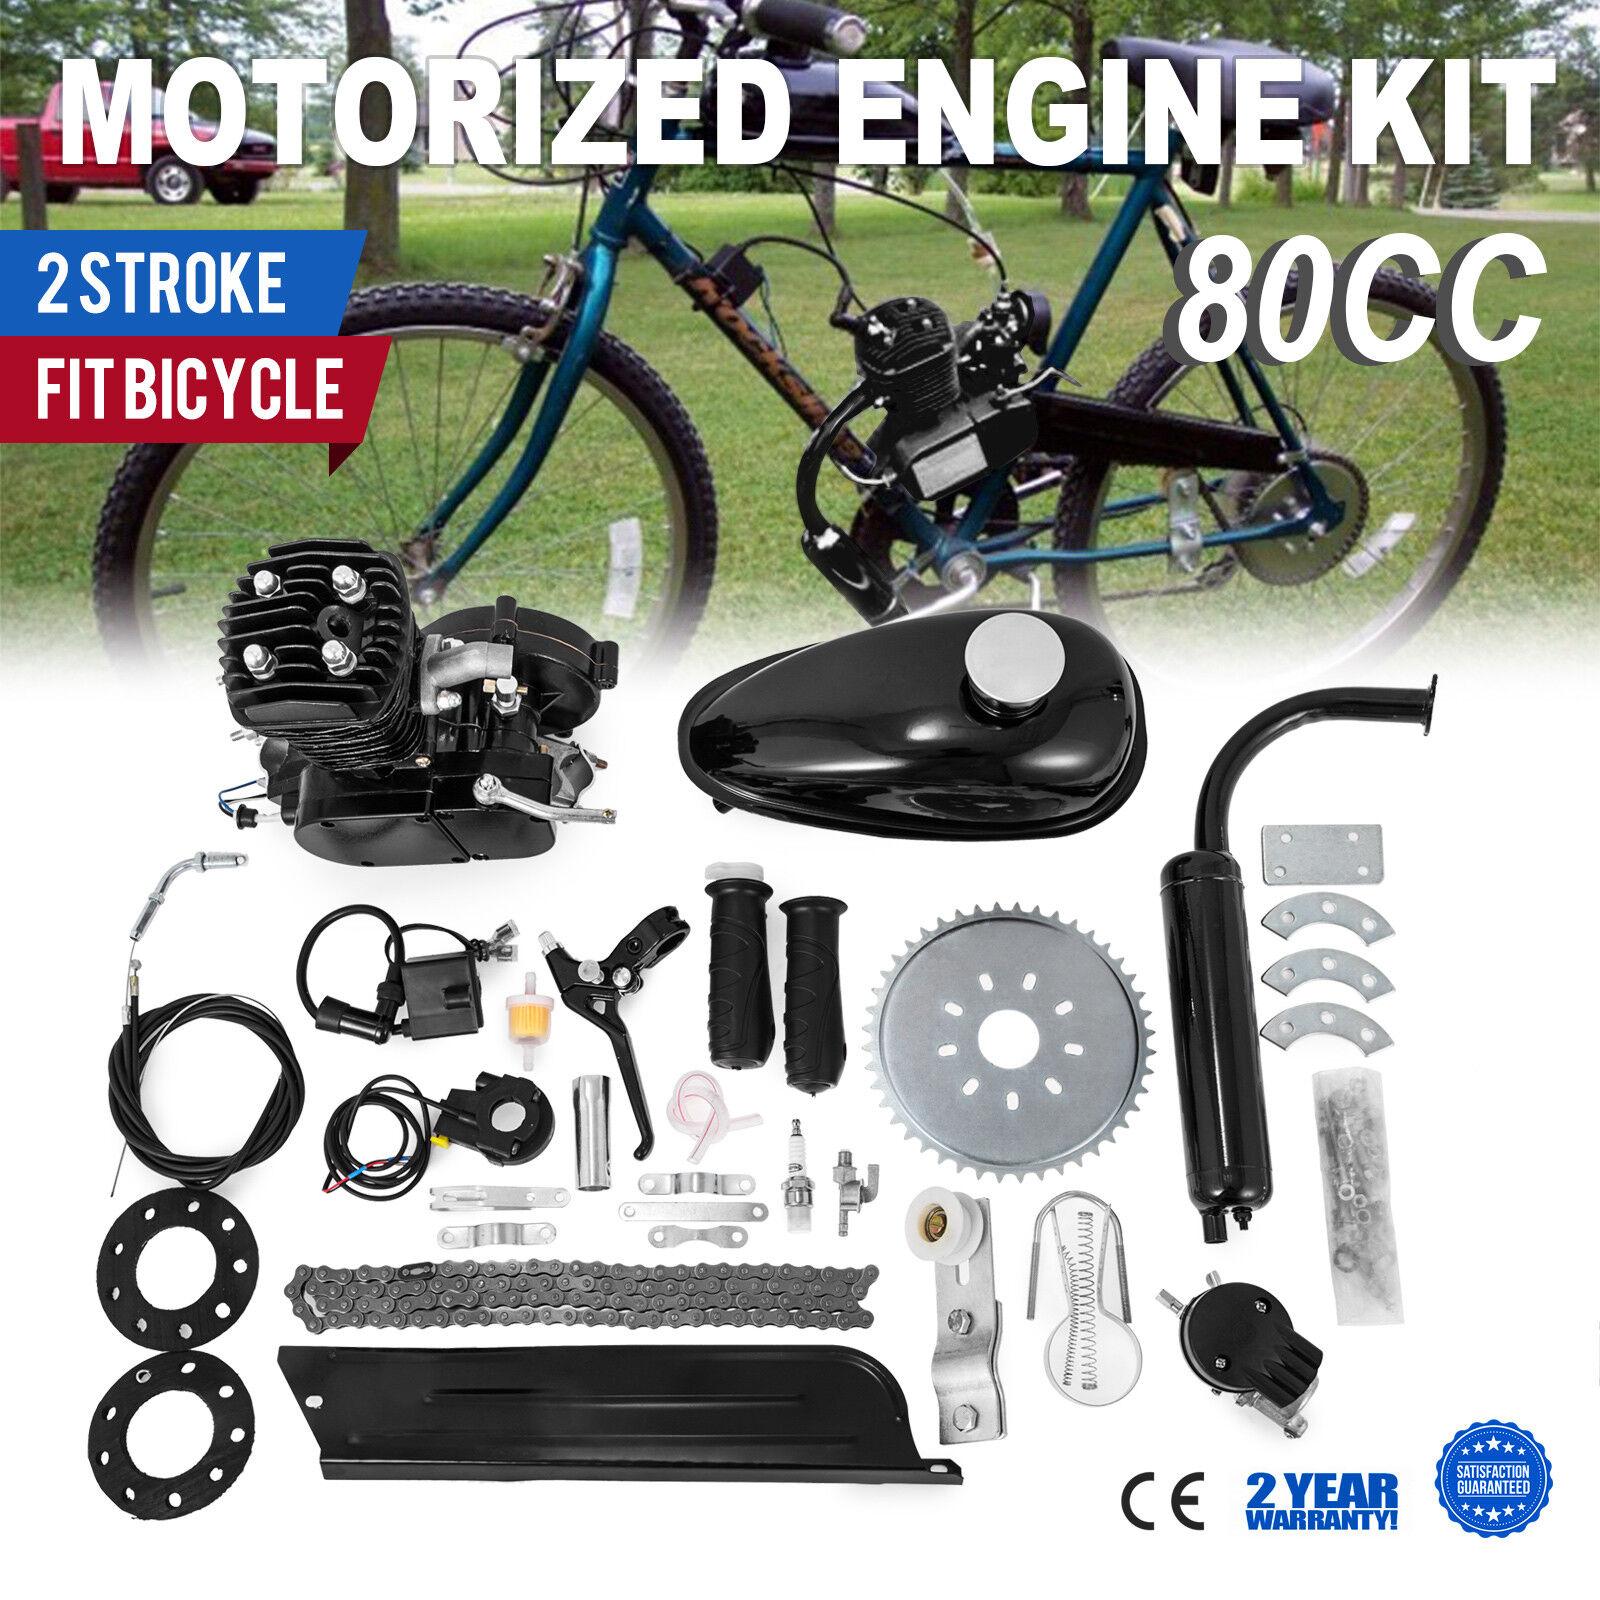 Two stroke petrol engine bikes gun hot air